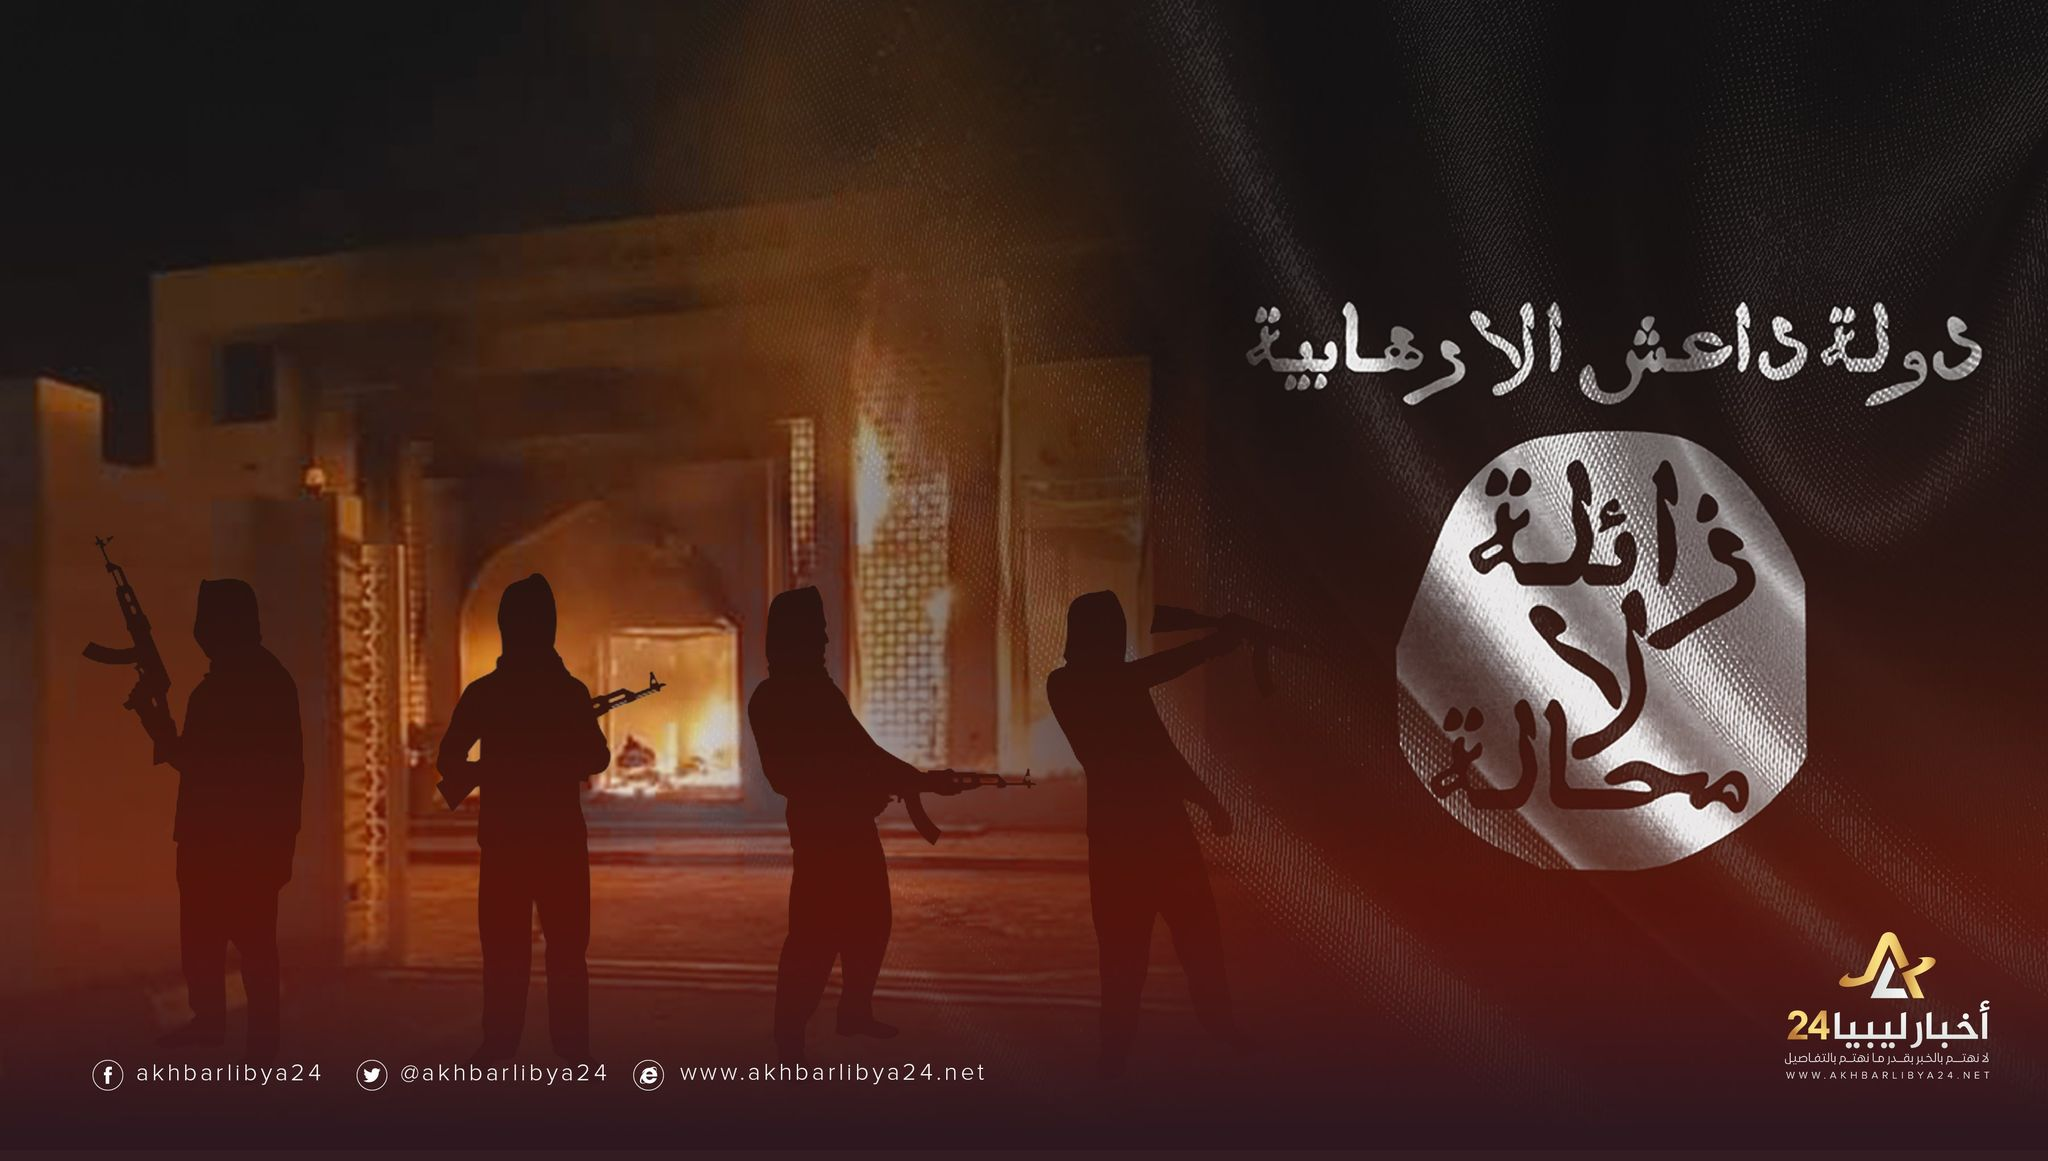 صورة في مشاهد إرهابية متكررة.. متظاهرون يحاولون الاعتداء على مقارٍ حكومية وأمنية في بنغازي والمرج